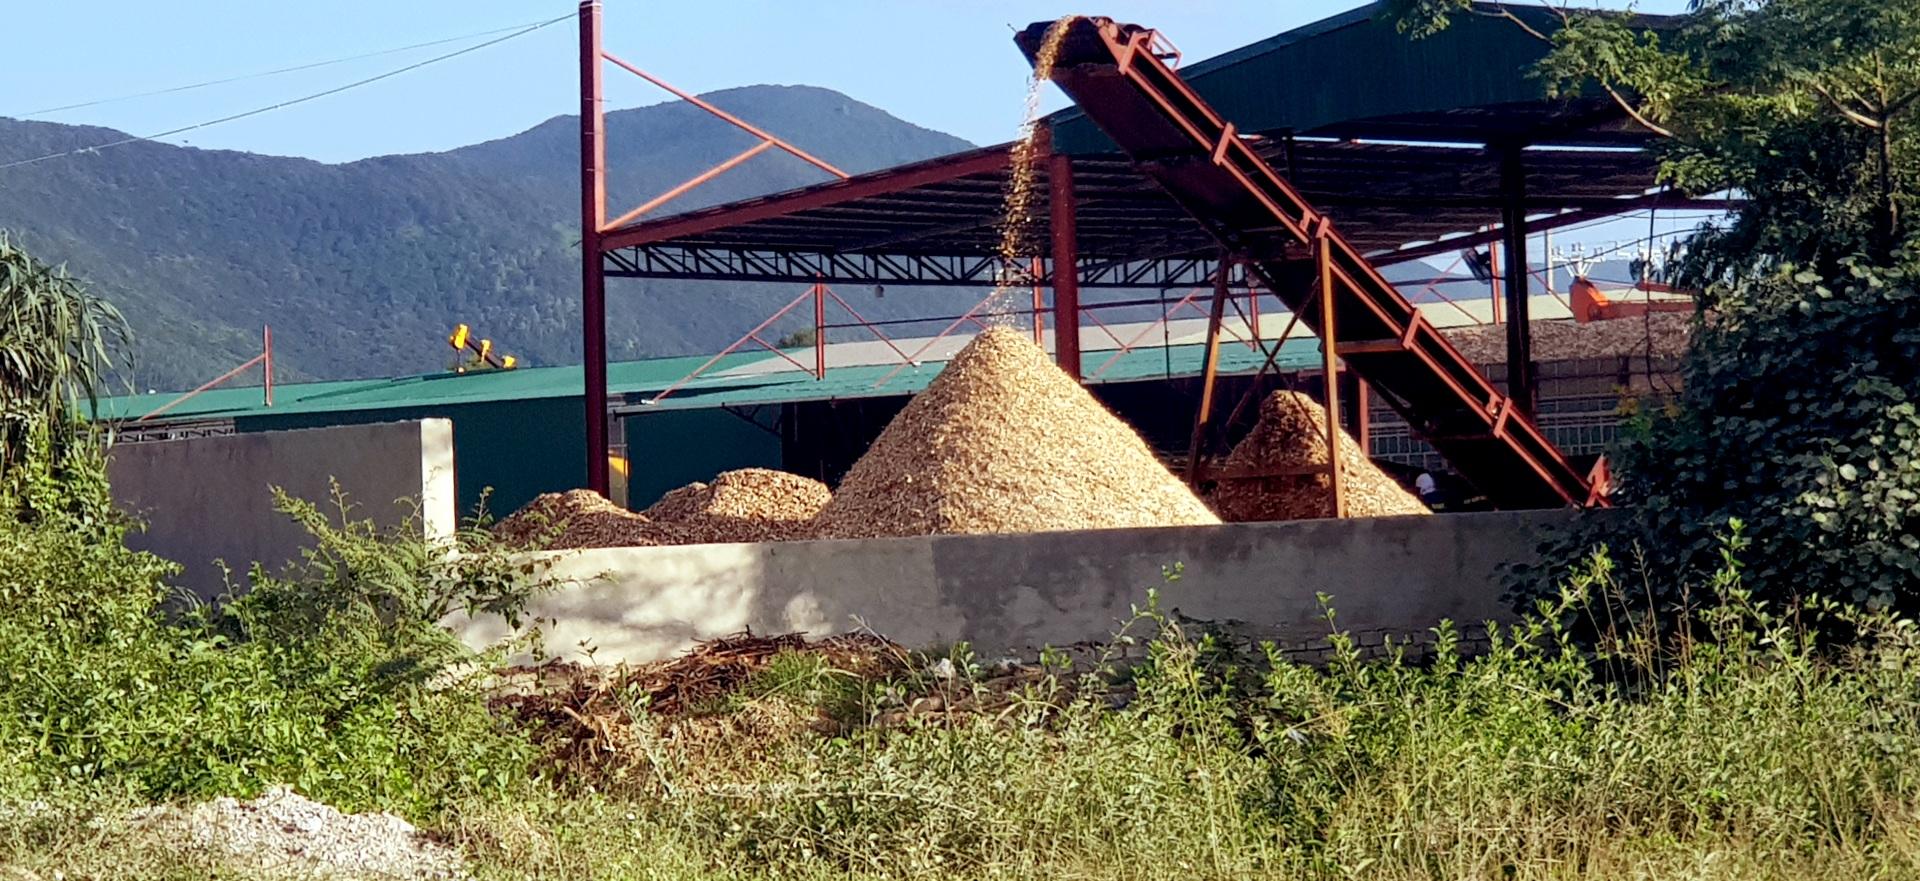 Tĩnh gia - Thanh hóa: Cần rà soát lại hoạt động sản xuất, kinh doanh gỗ dăm và kiên quyết xử lý những sai phạm (Kỳ 1)